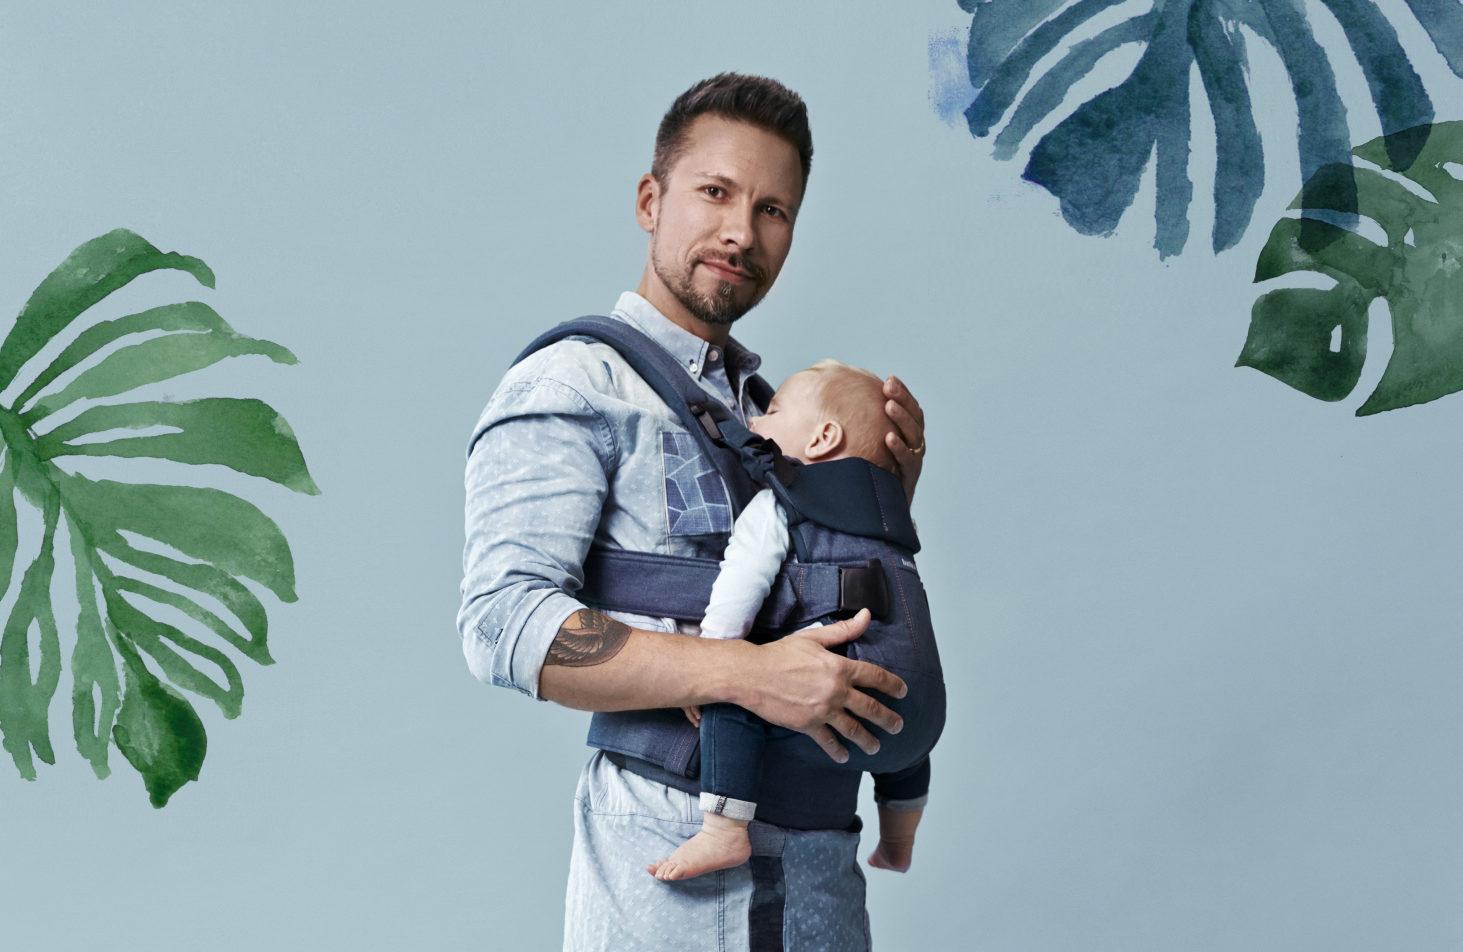 מנשאי תינוקות וטרמפולינות ברמה שלא הכרתם